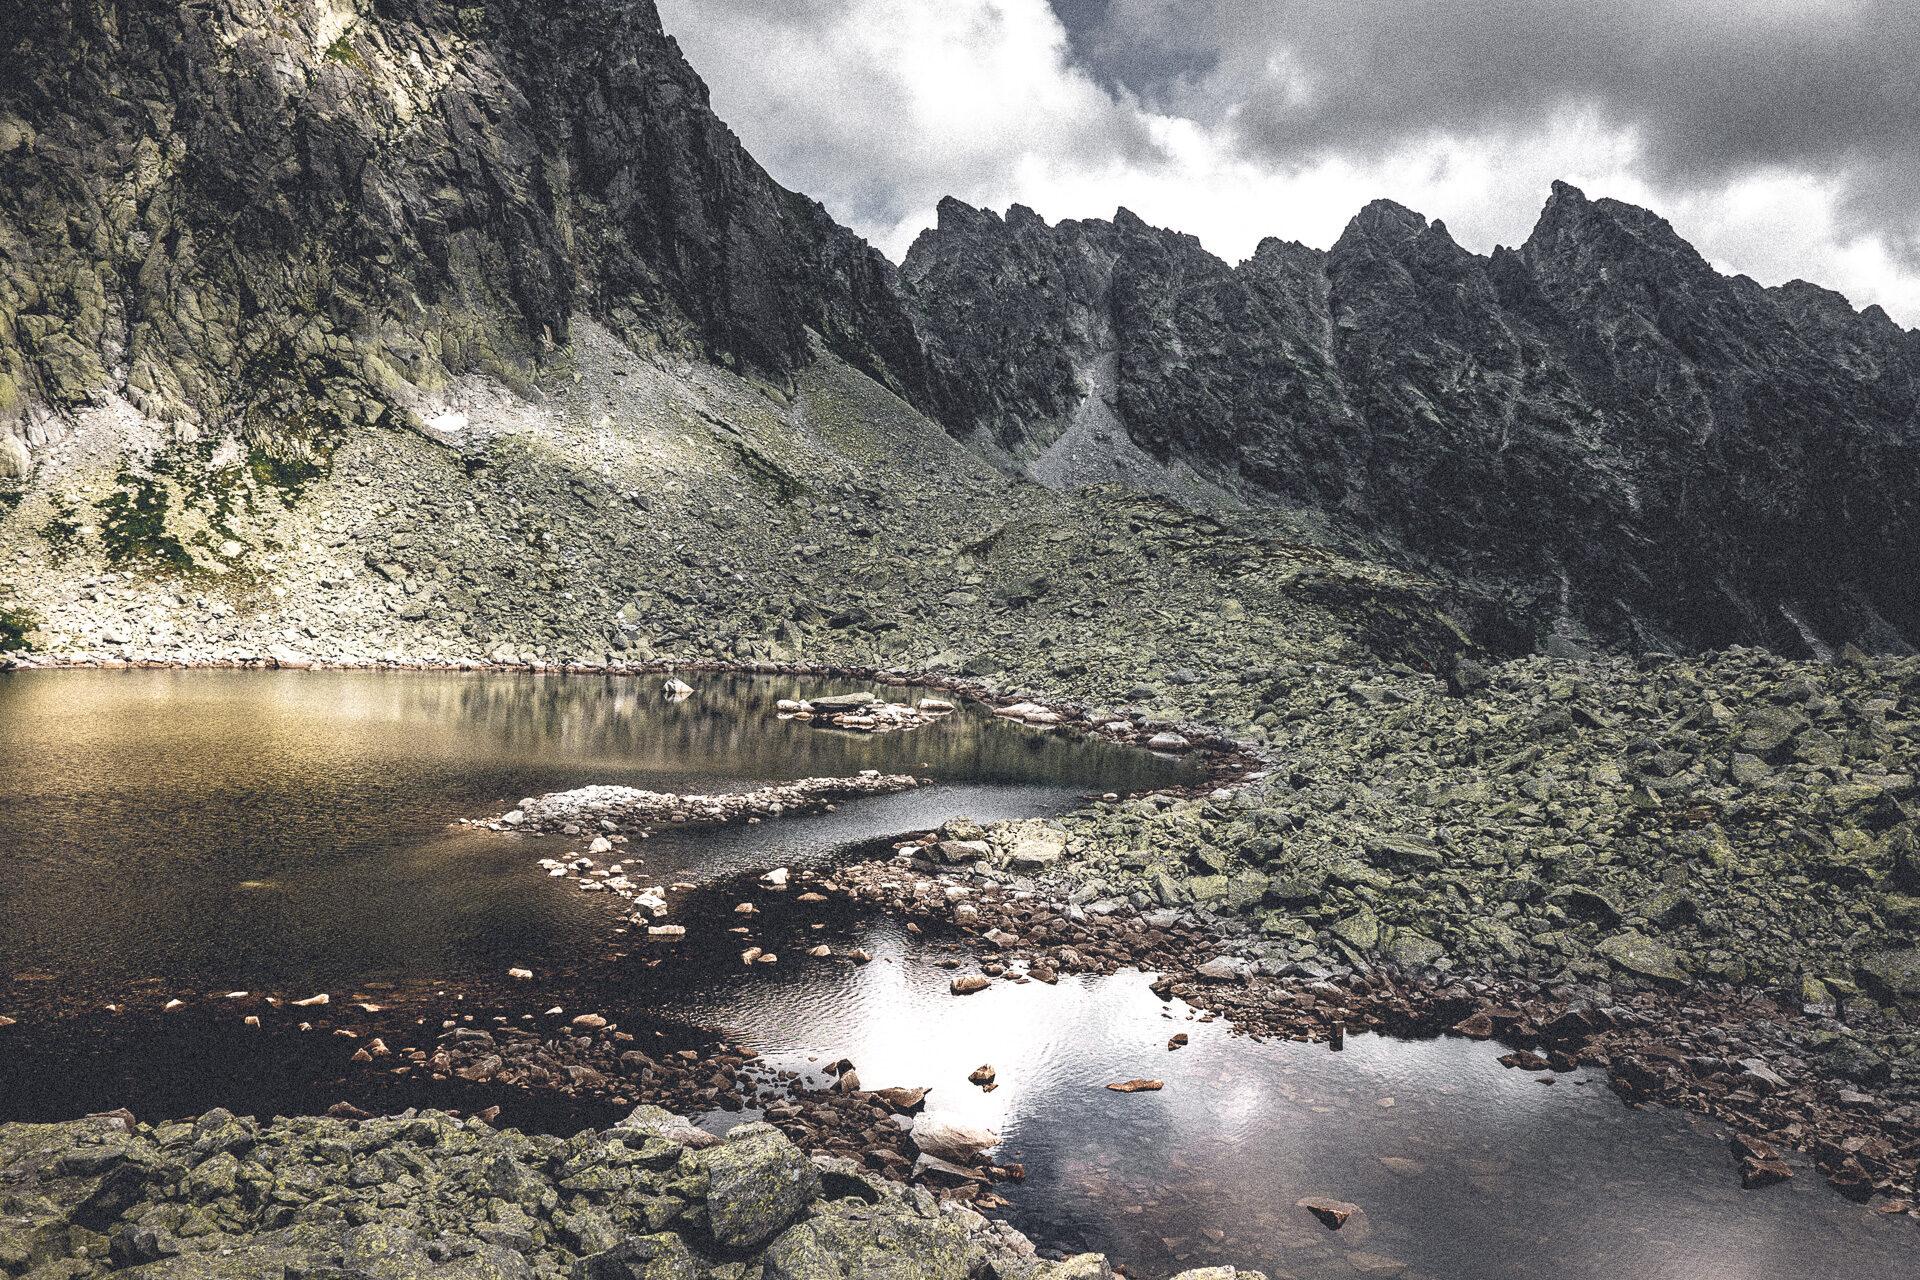 Bergsee in der Hohen Tatra – Capie Pleso mit etwas Sonne